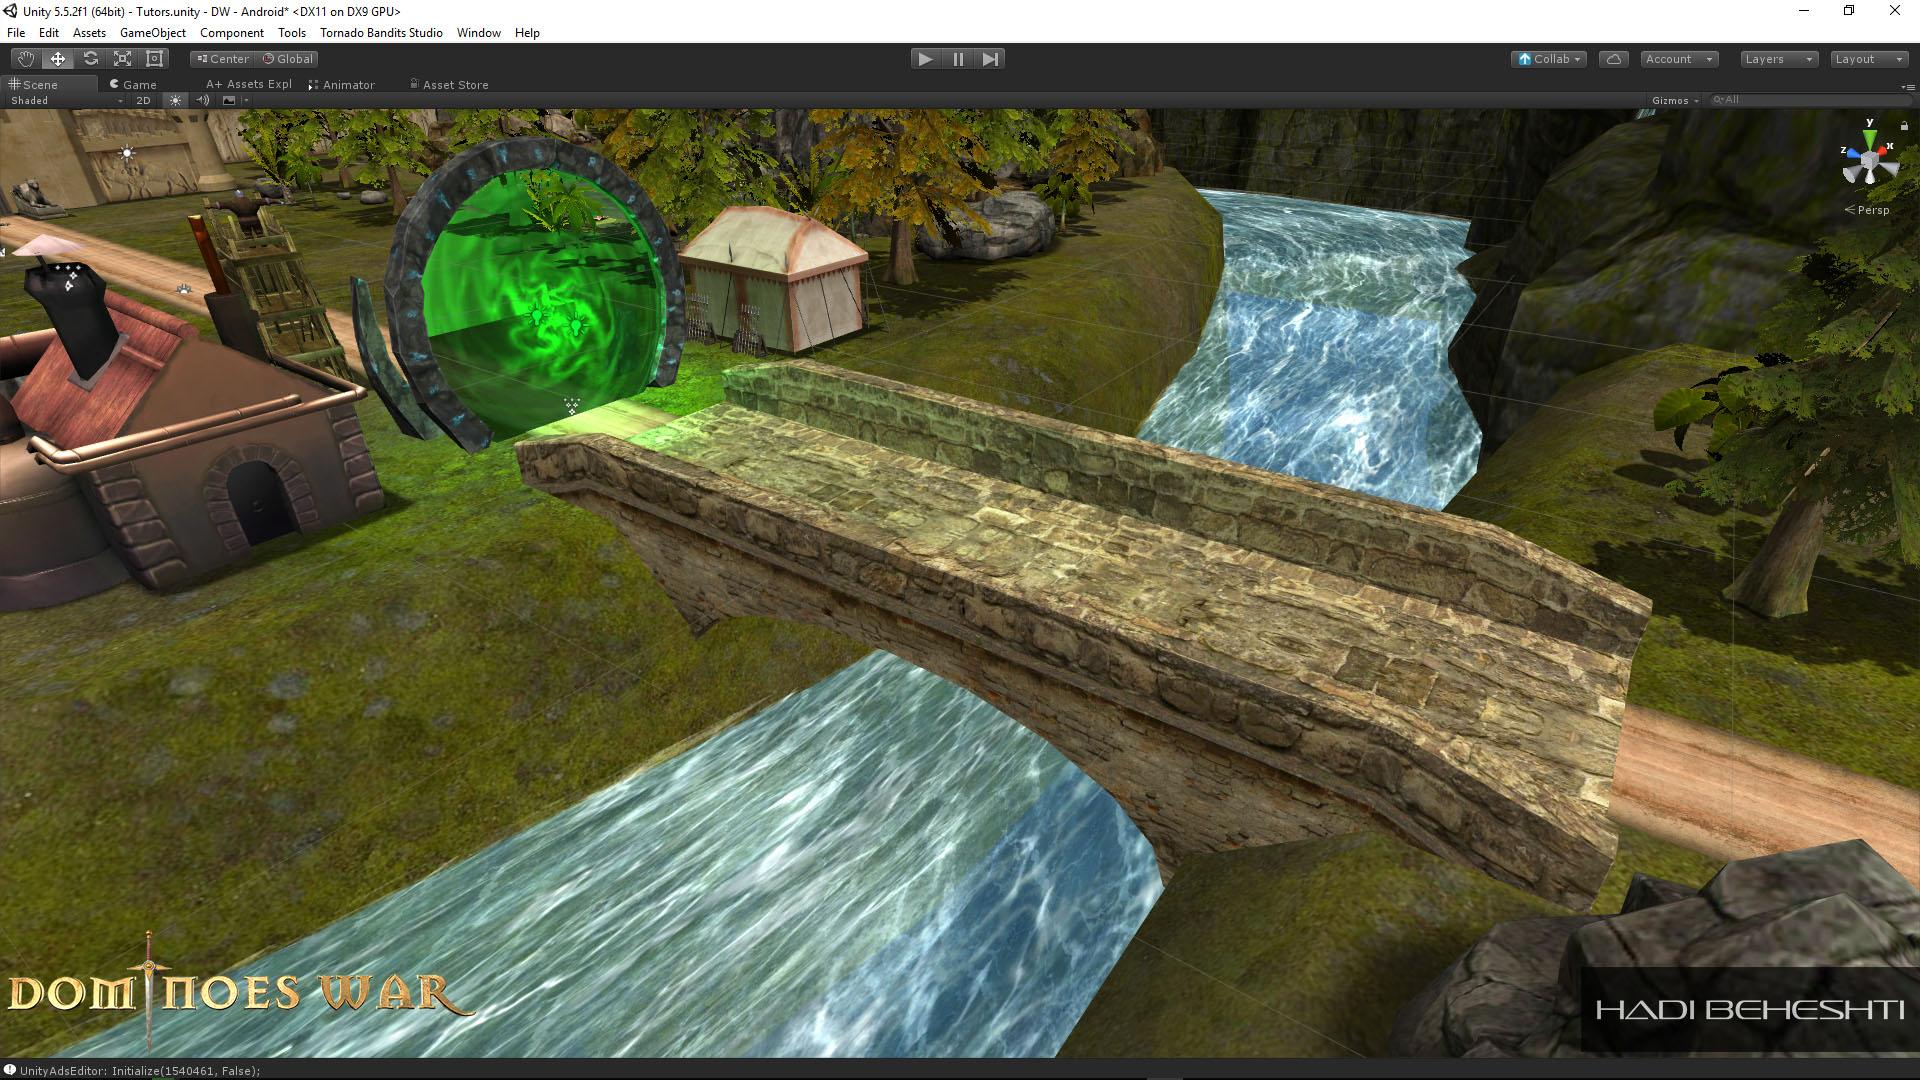 Dominoes War Game Hadi Beheshti CG Artist-6